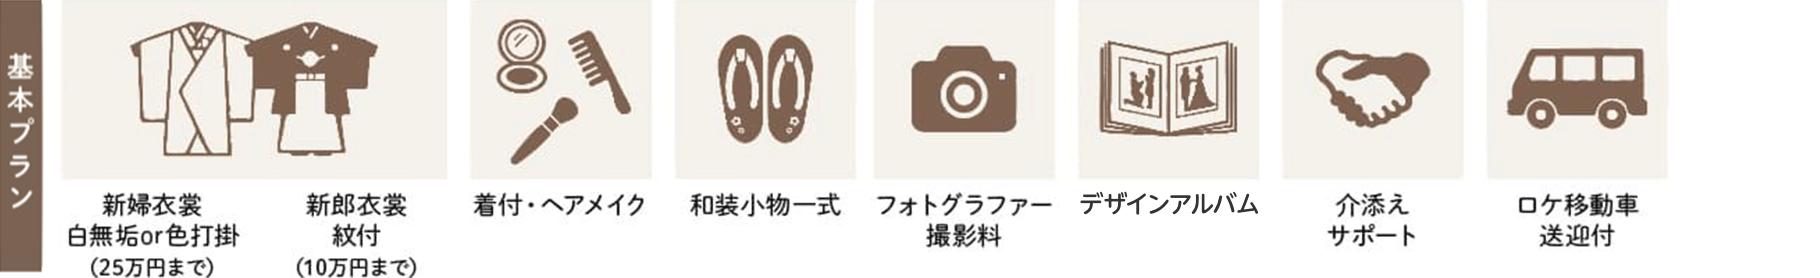 慶徳公園 和装ロケーションプラン